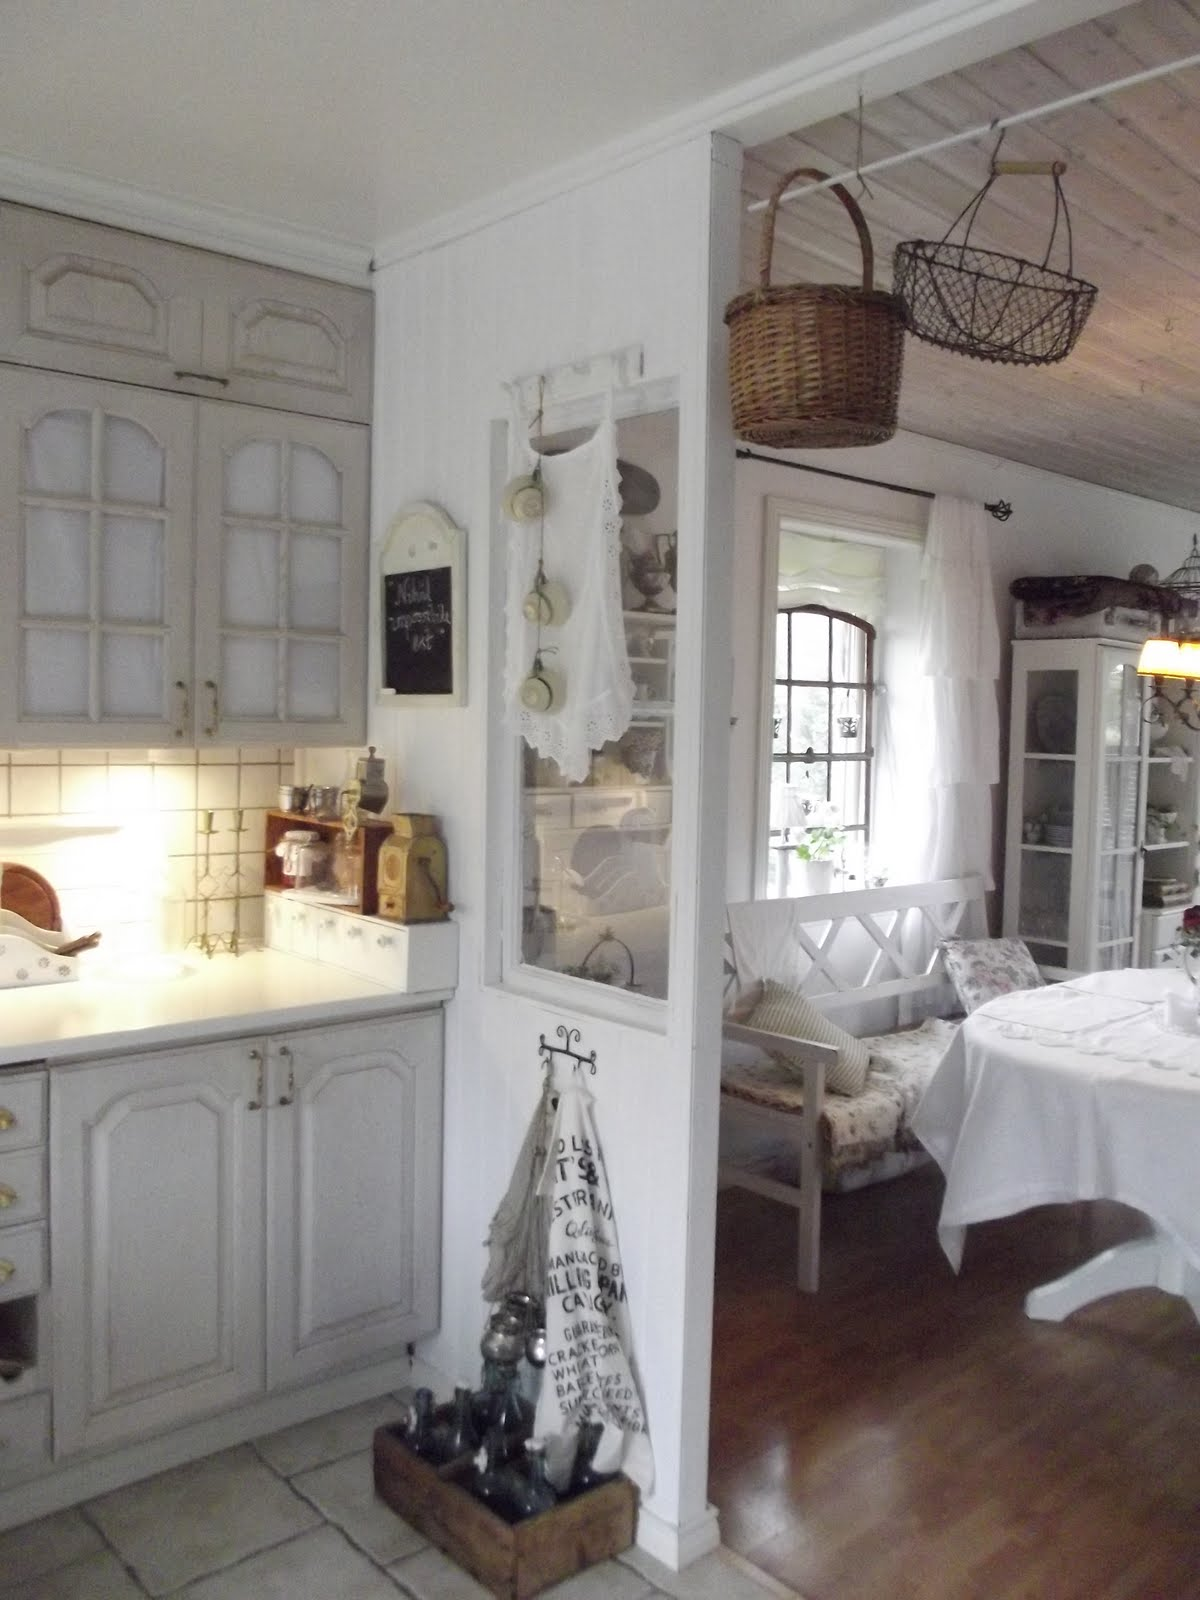 Boiserie c programmi per oggi riverniciare la cucina - Verniciare le ante della cucina ...